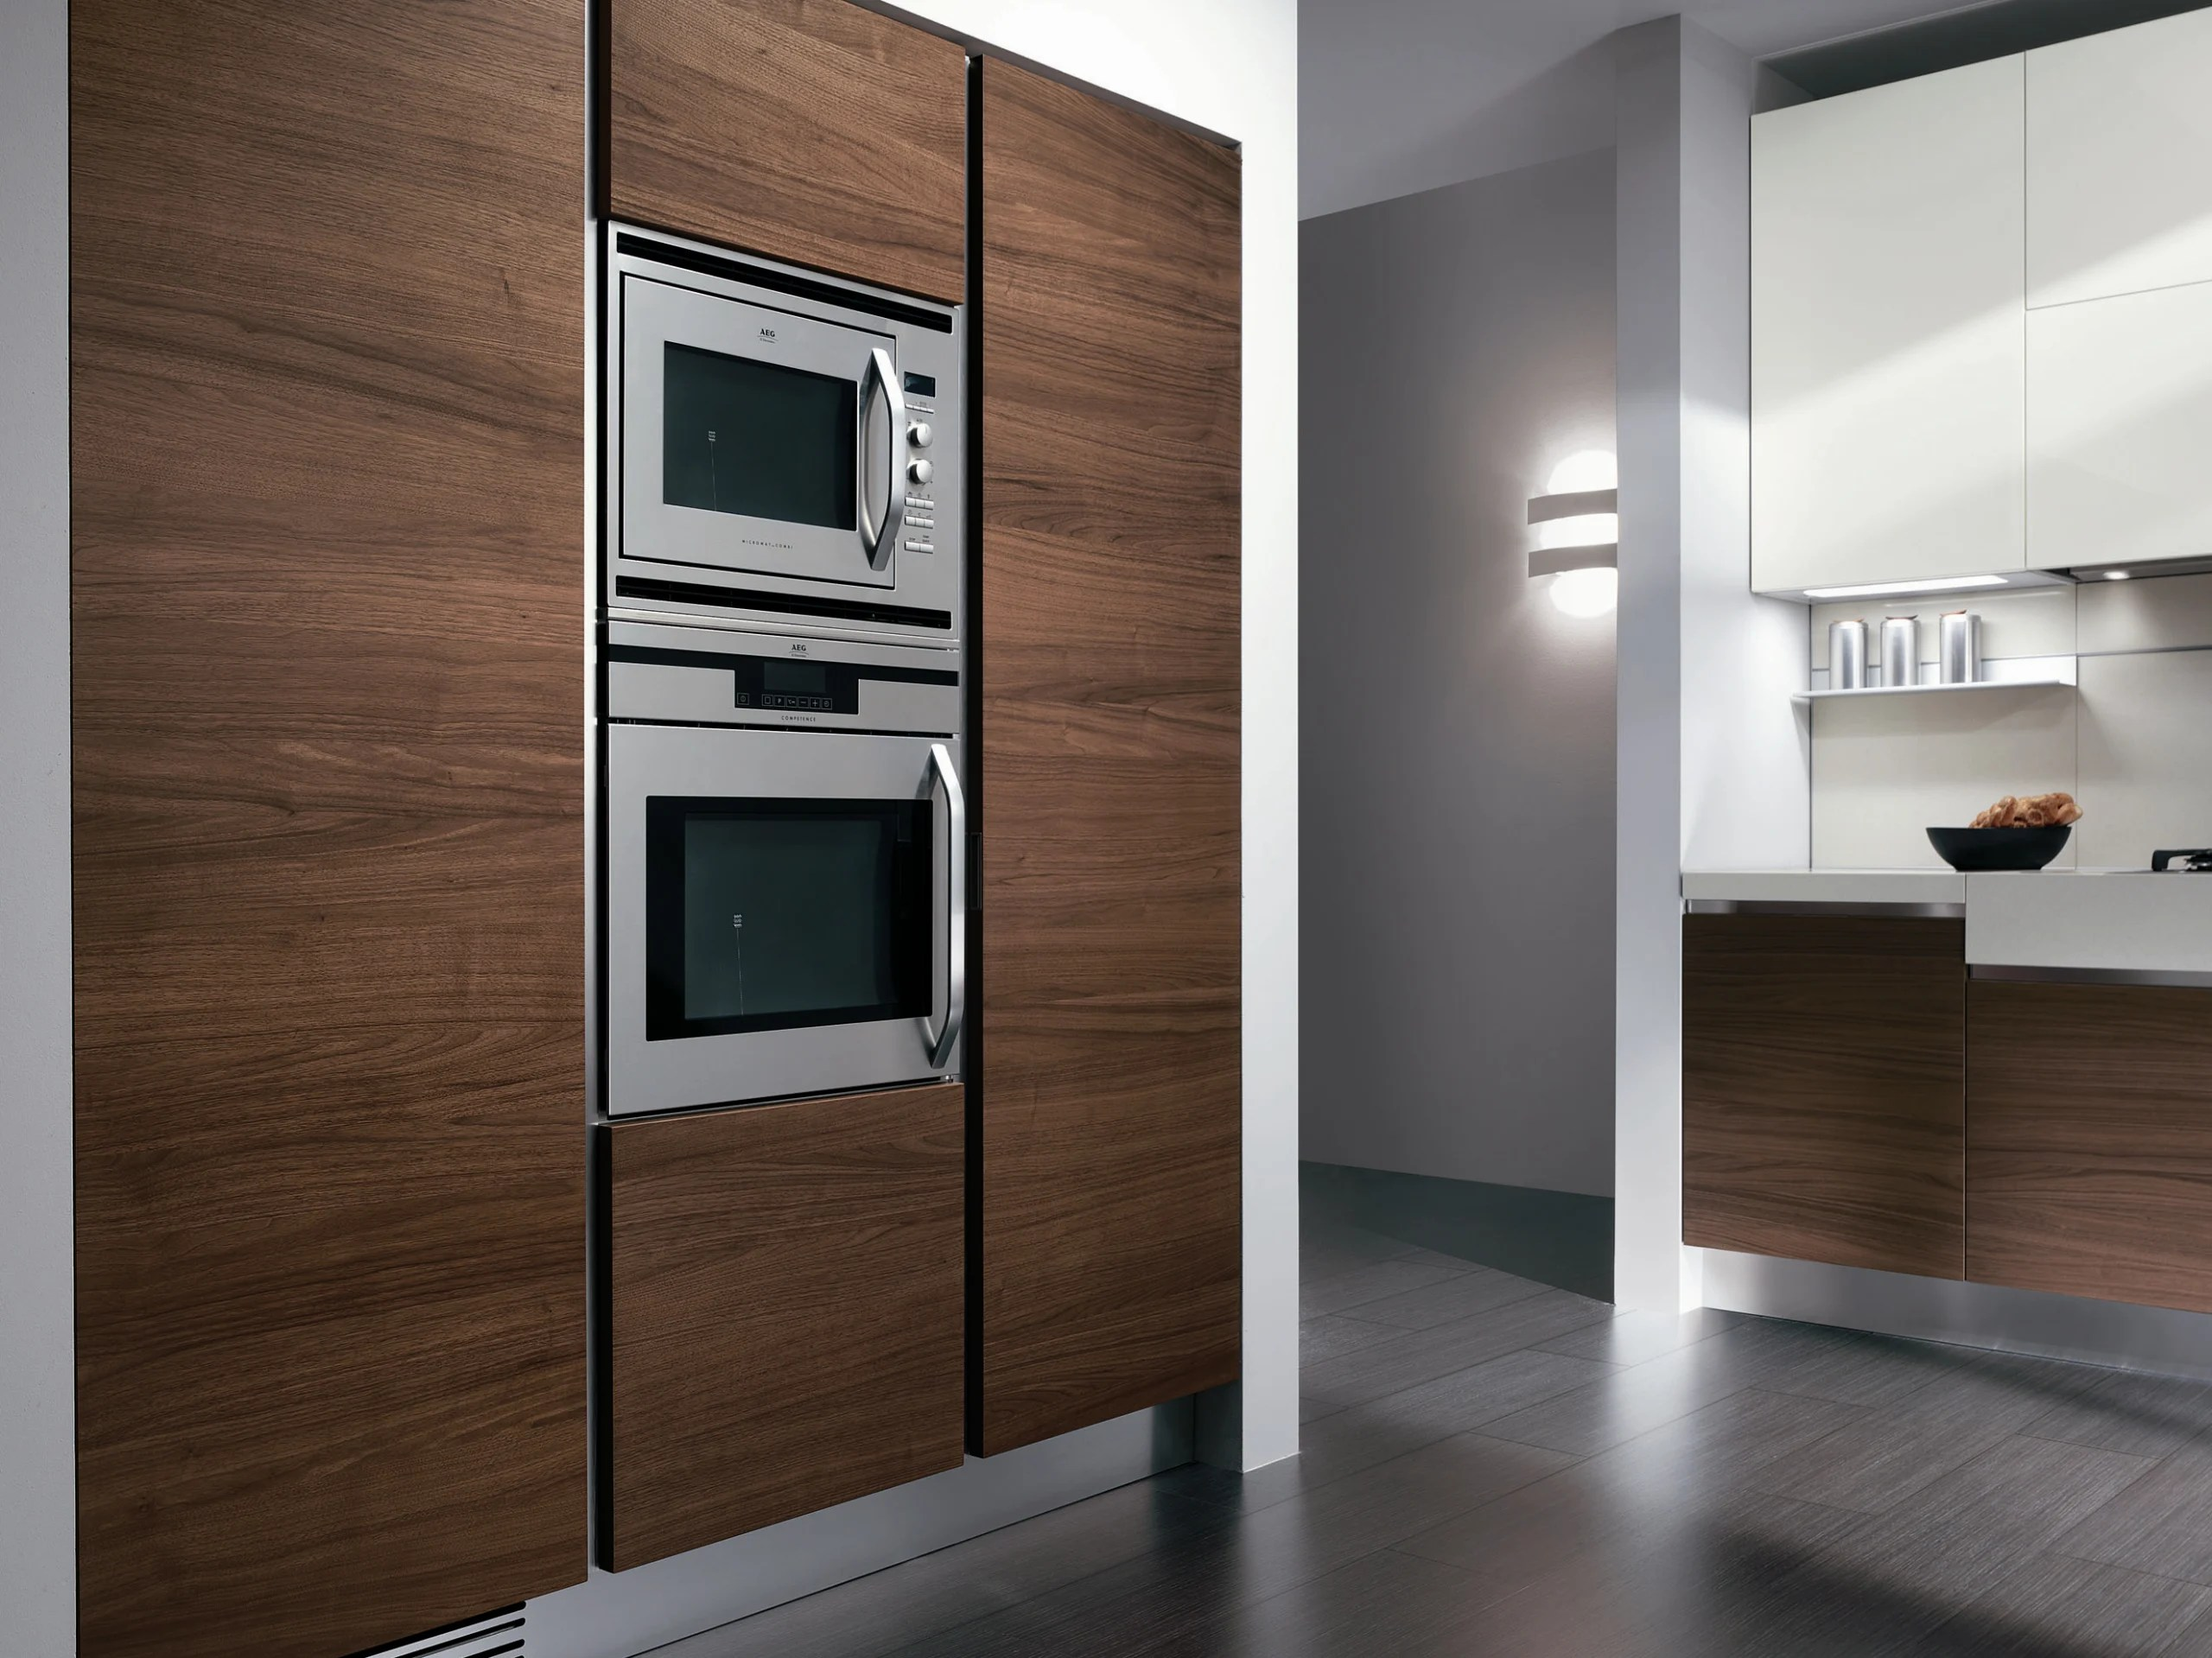 Cozinha de nogueira ELEKTRA NEW CLASSIC By ERNESTOMEDA